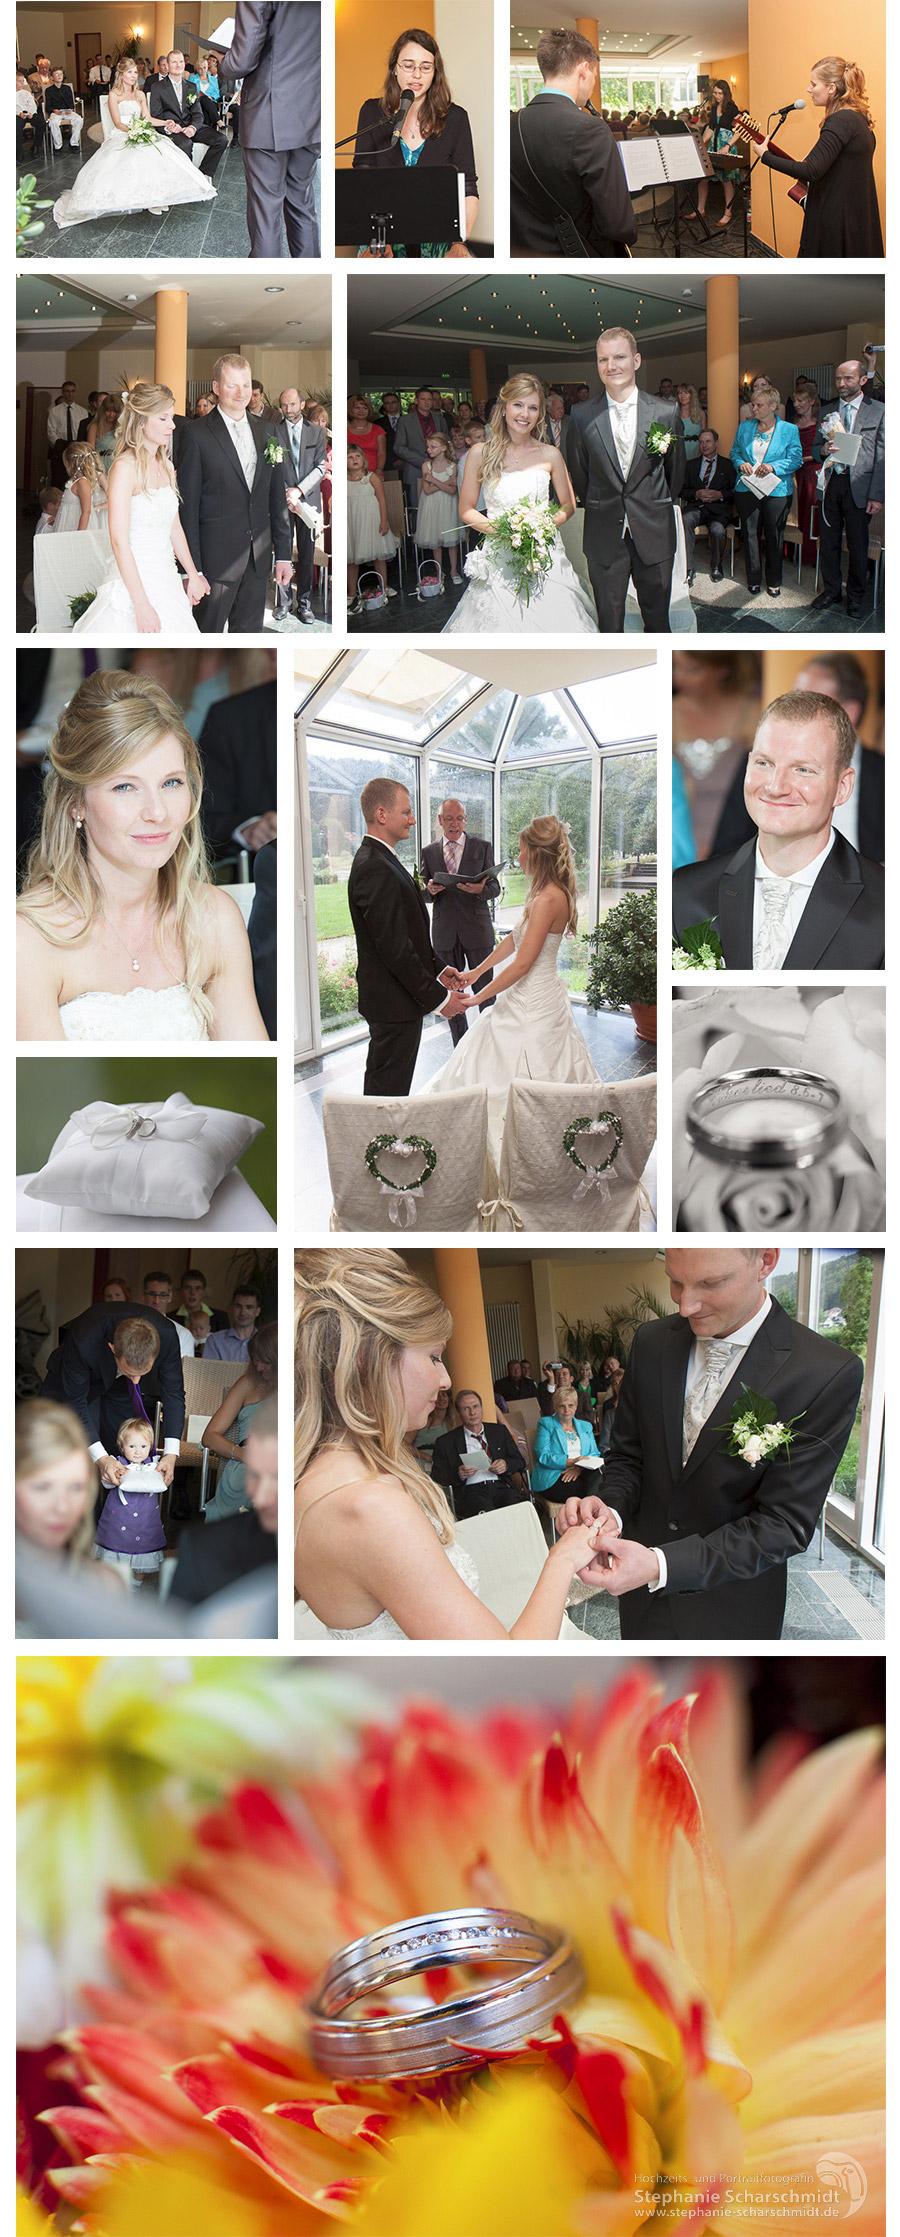 Hochzeitsfotograf in Sachsen - Hochzeitsreportage einer Traumhochzeit in der Sächsischen Schweiz - Hochzeitsfotografin Stephanie Scharschmidt